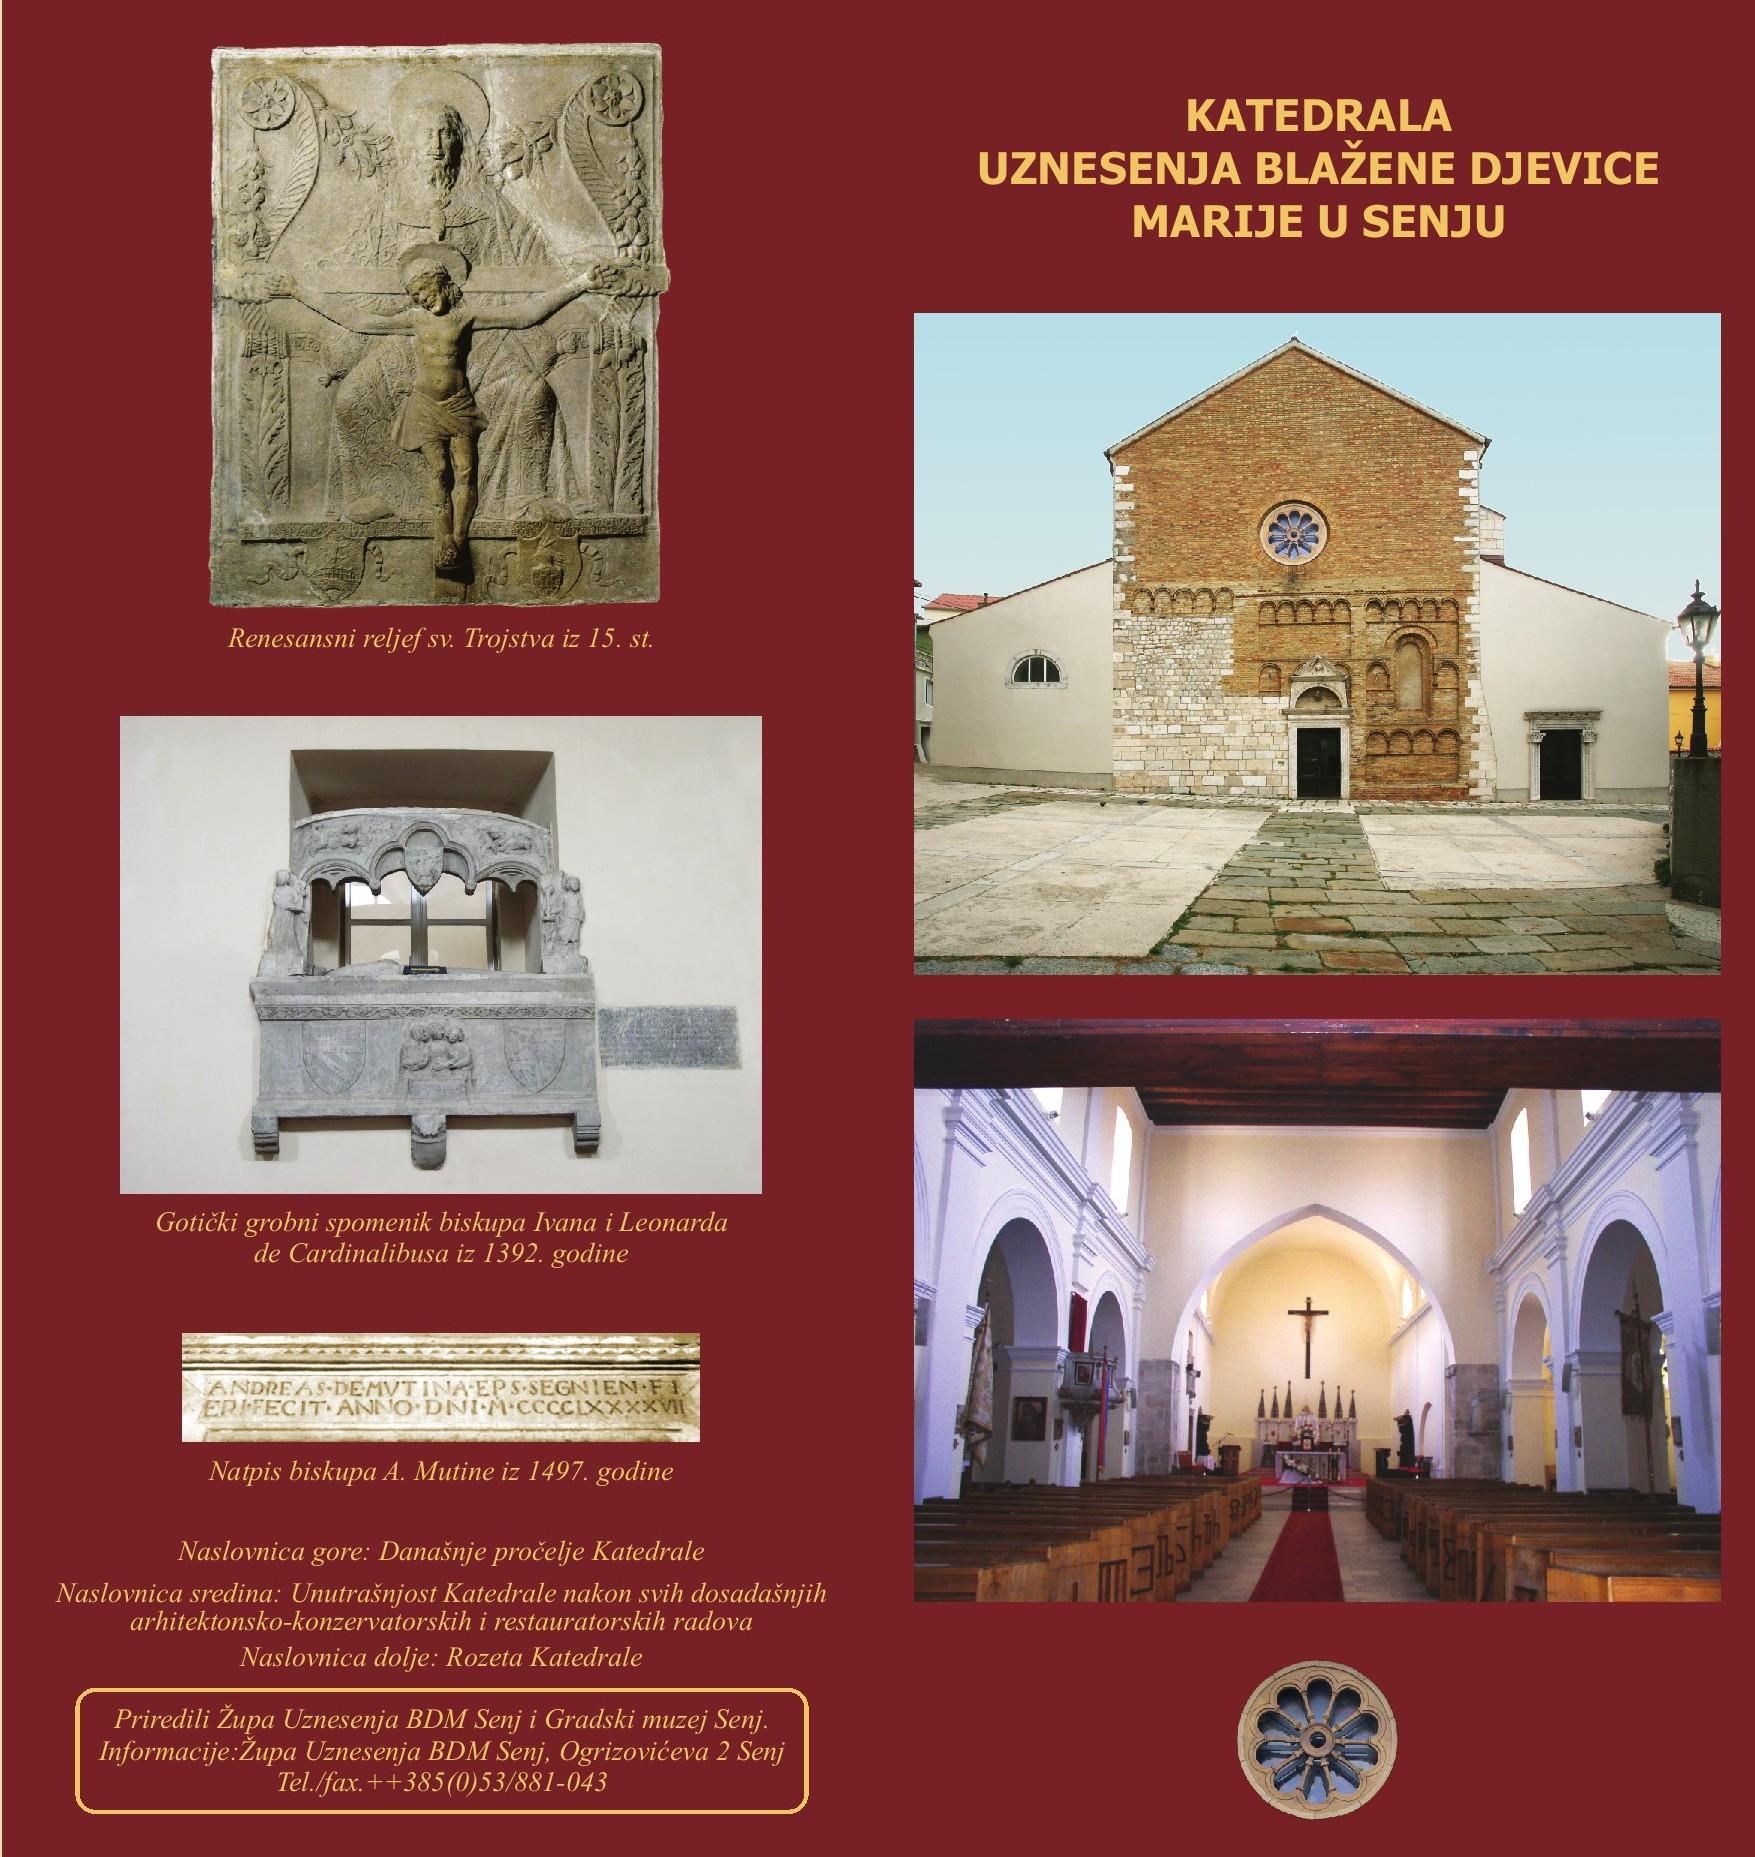 Prospekt Senjska Katedrala Uznesenja Blazene Djevice Marije